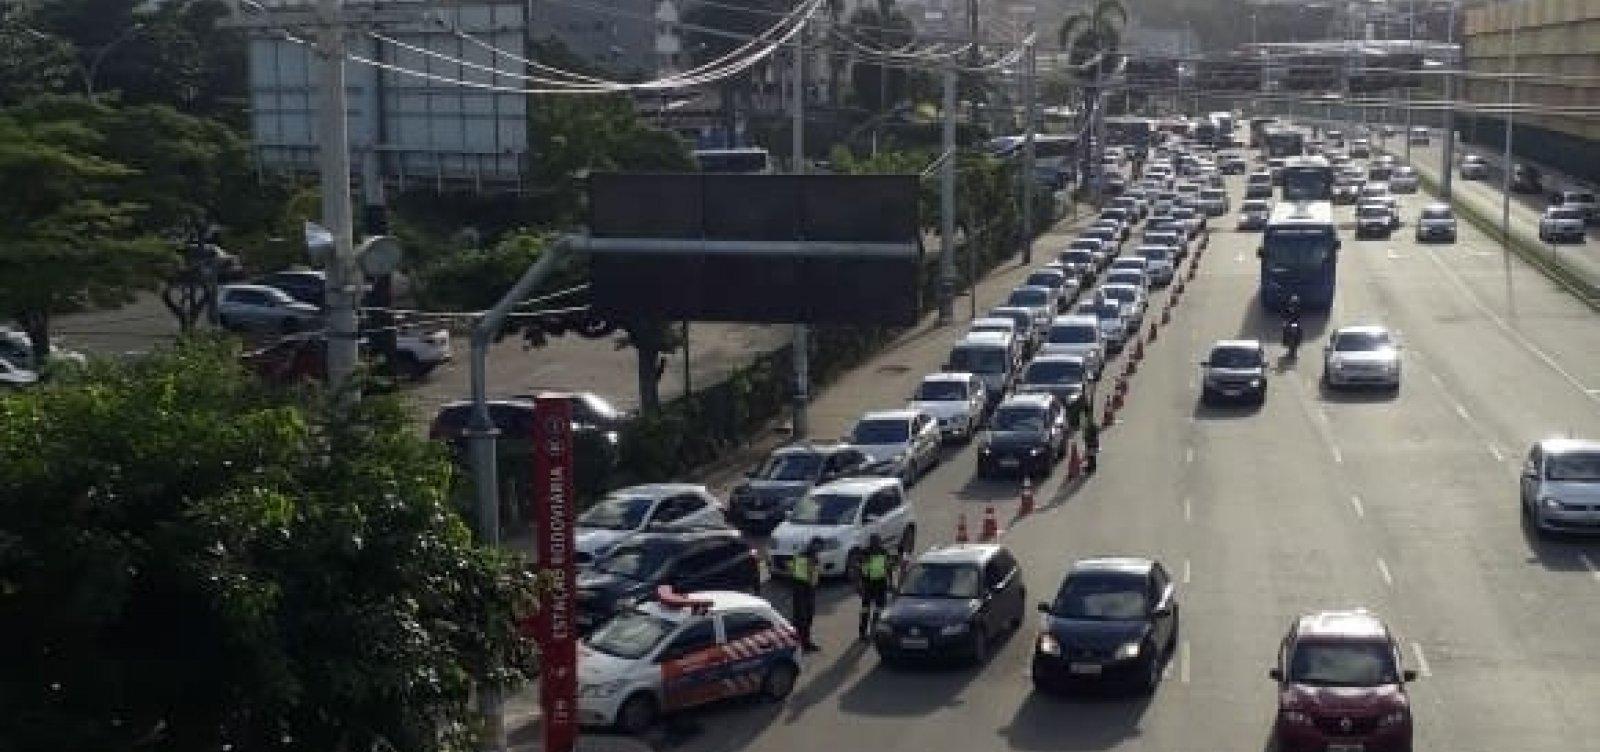 [Rodoviária tem longa fila de veículos nas vésperas do feriadão de São João]